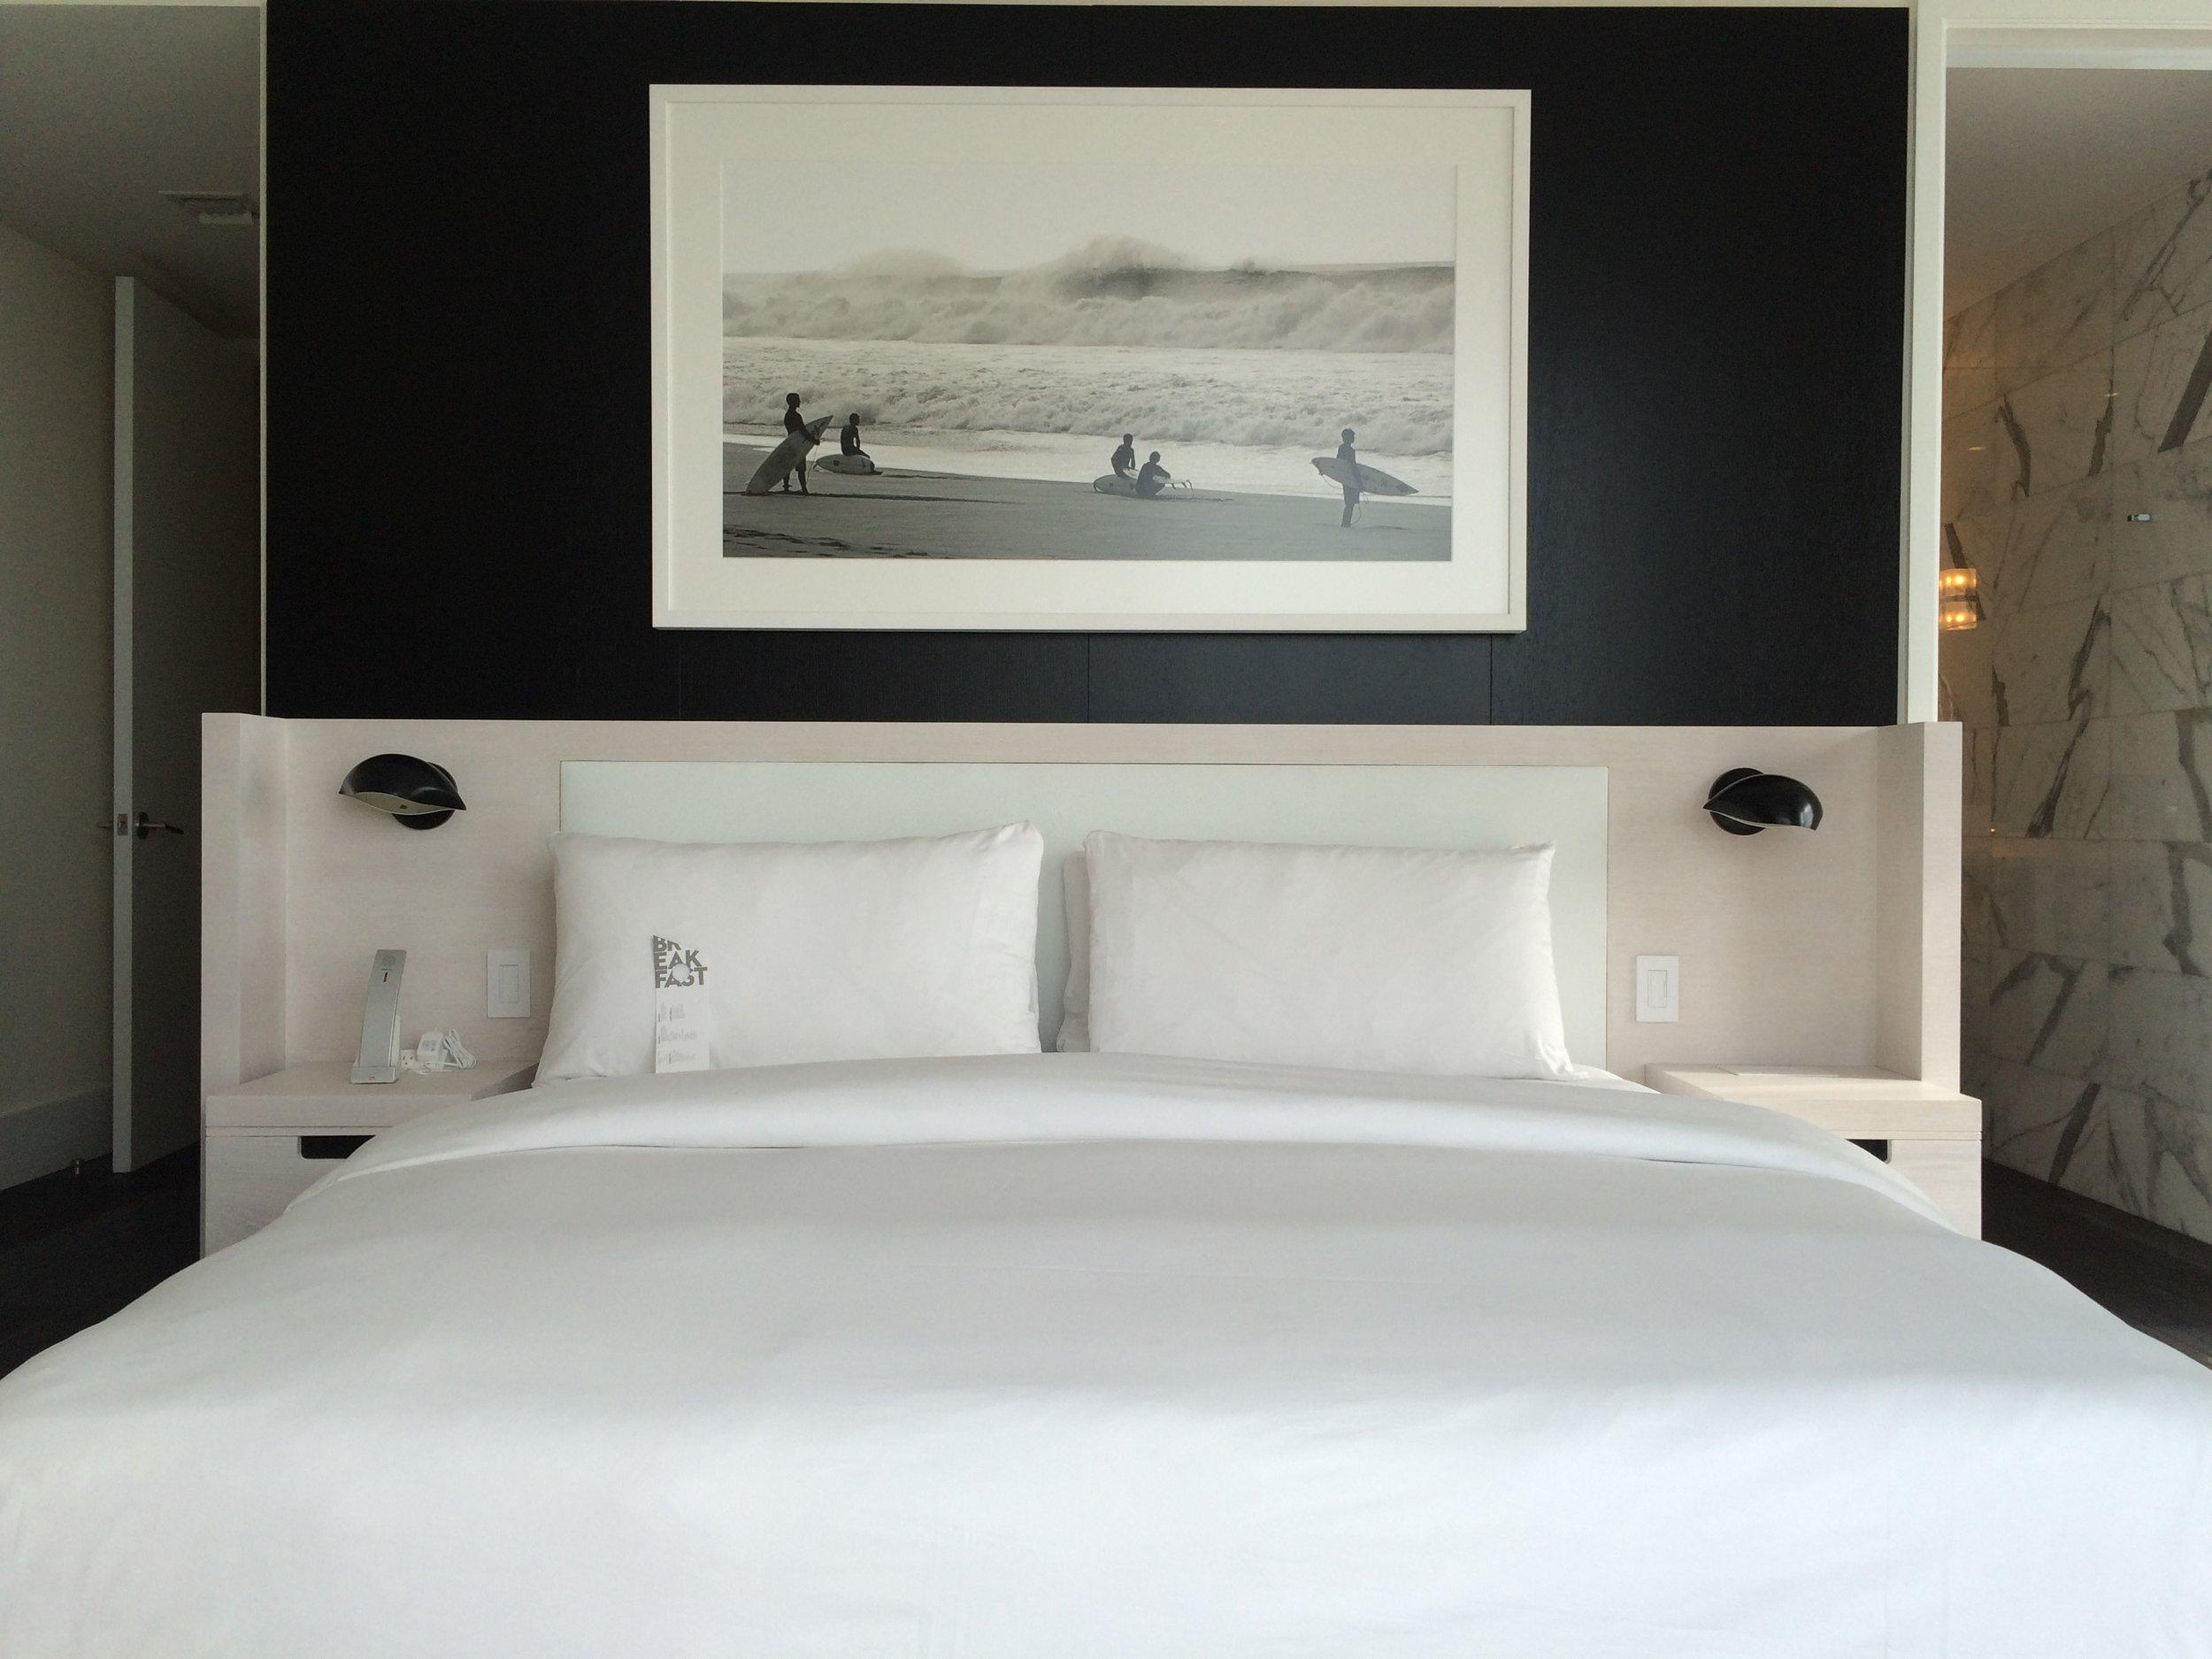 W Hotel, South Beach